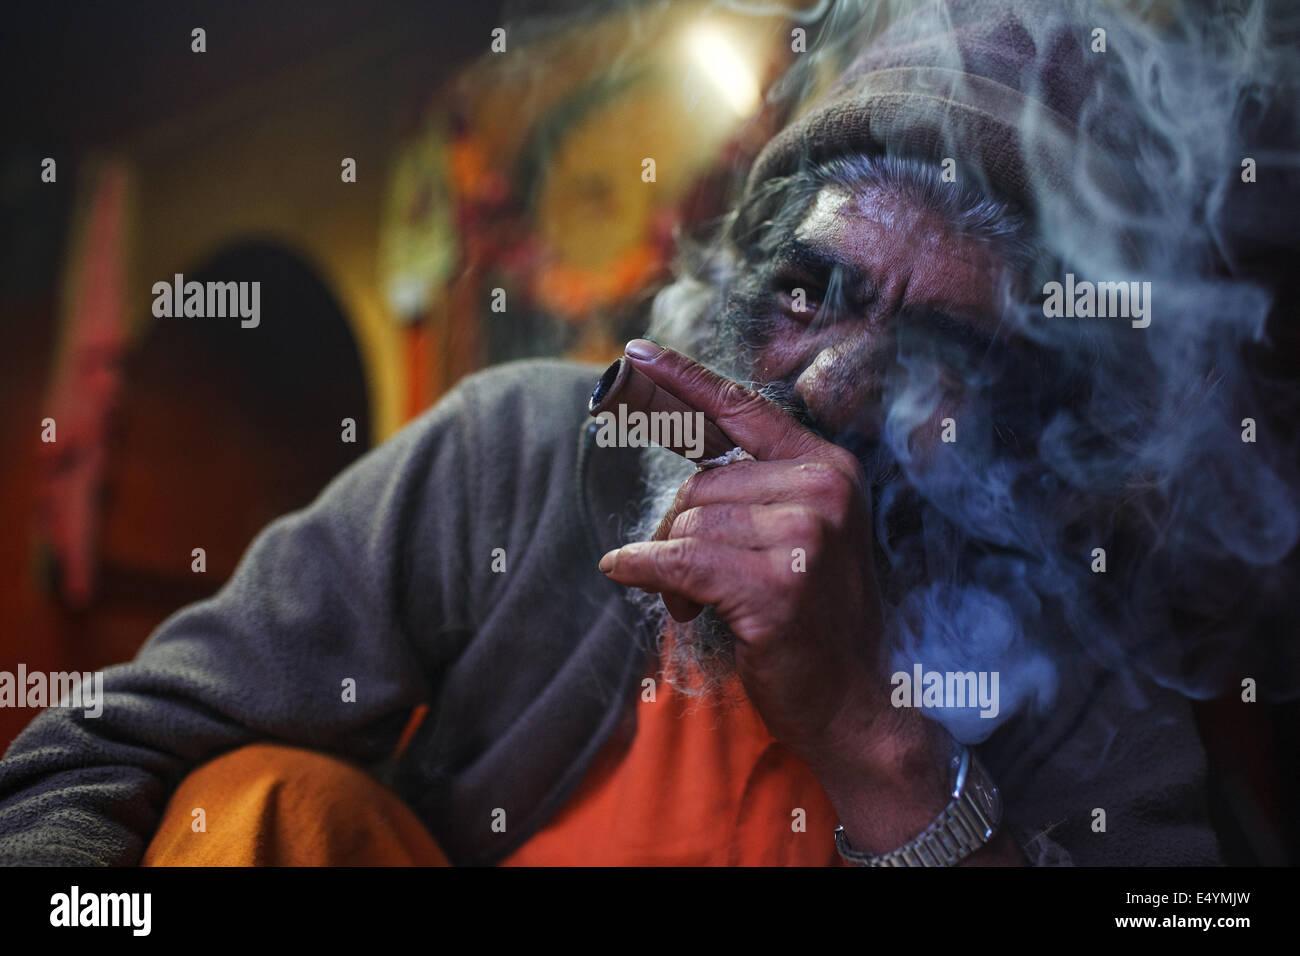 An old man smoking charas chillum marijuana ganja in Junagadh, Gujarat, India - Stock Image